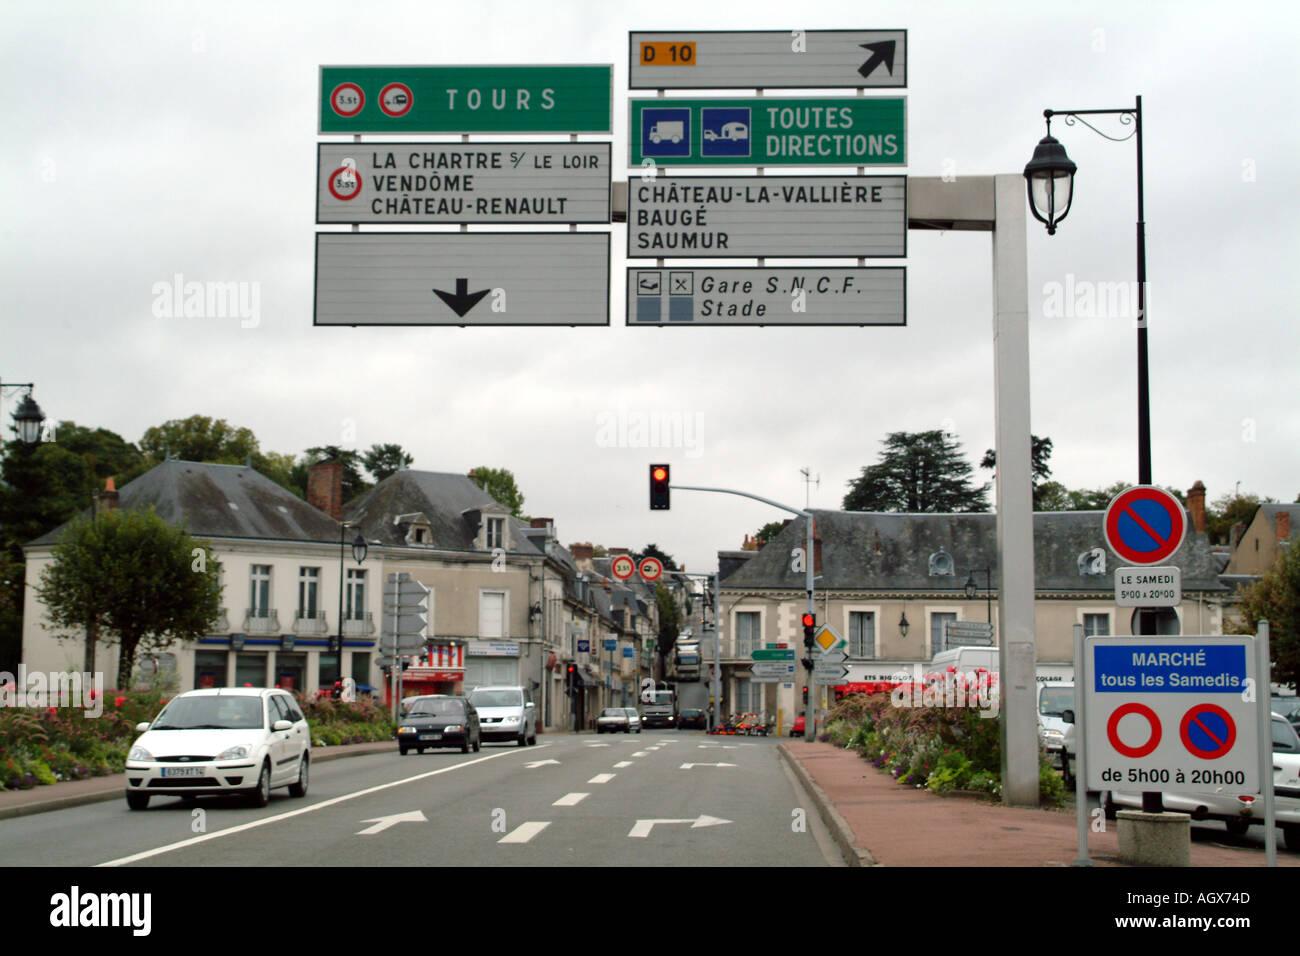 Chateau du Loir Northern France Europe EU toutes directions signage Hotel de Ville - Stock Image